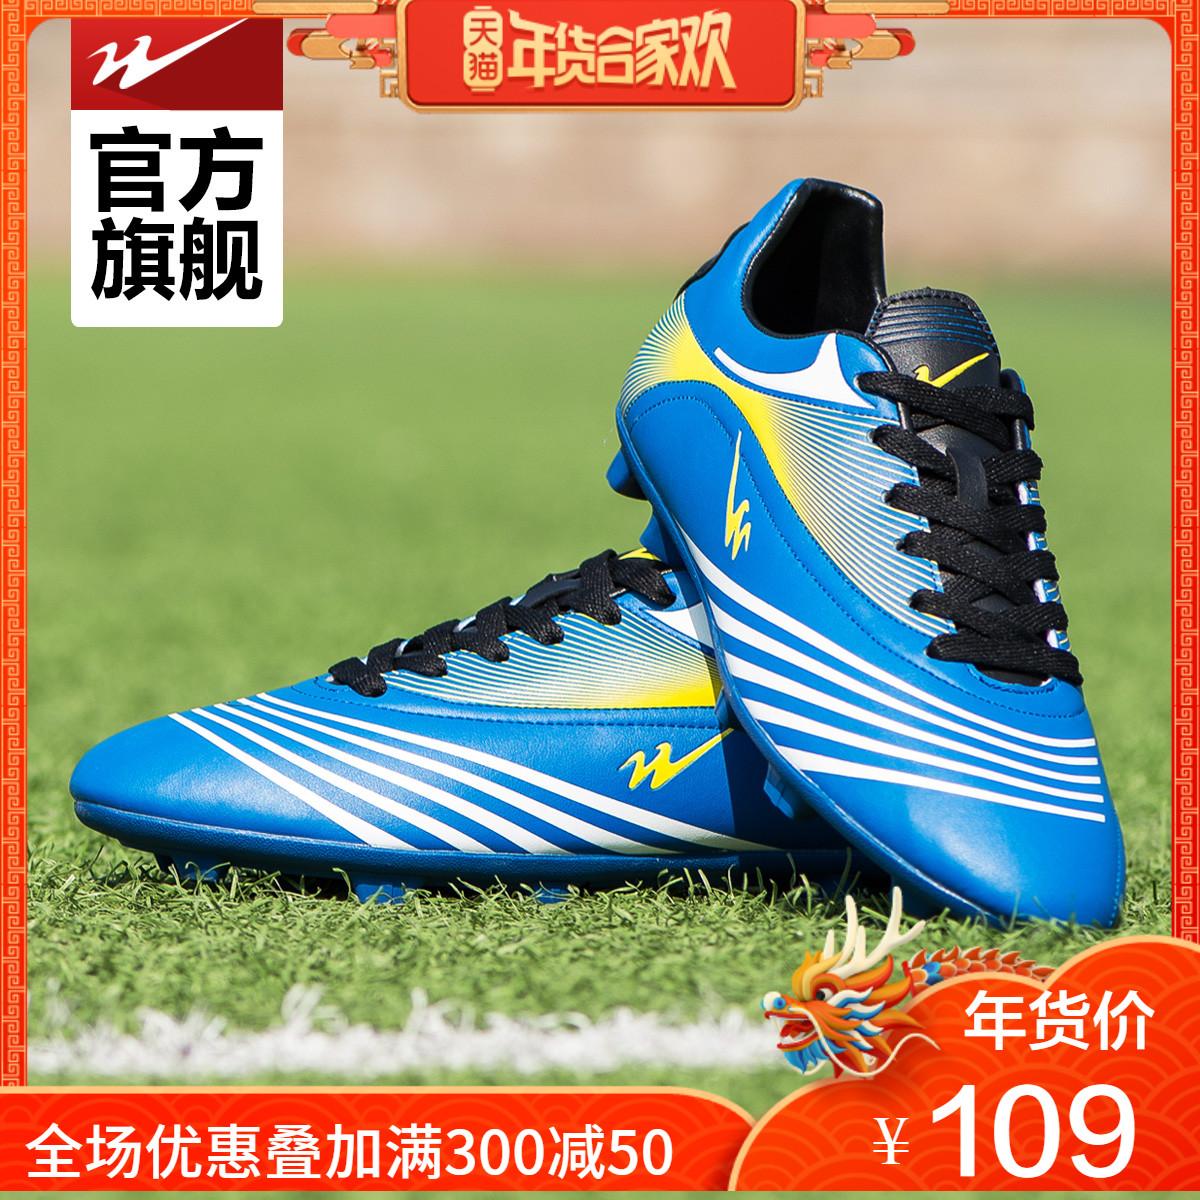 双星足球鞋 男子碎钉足球鞋人造草地室内足球训练鞋透气软底